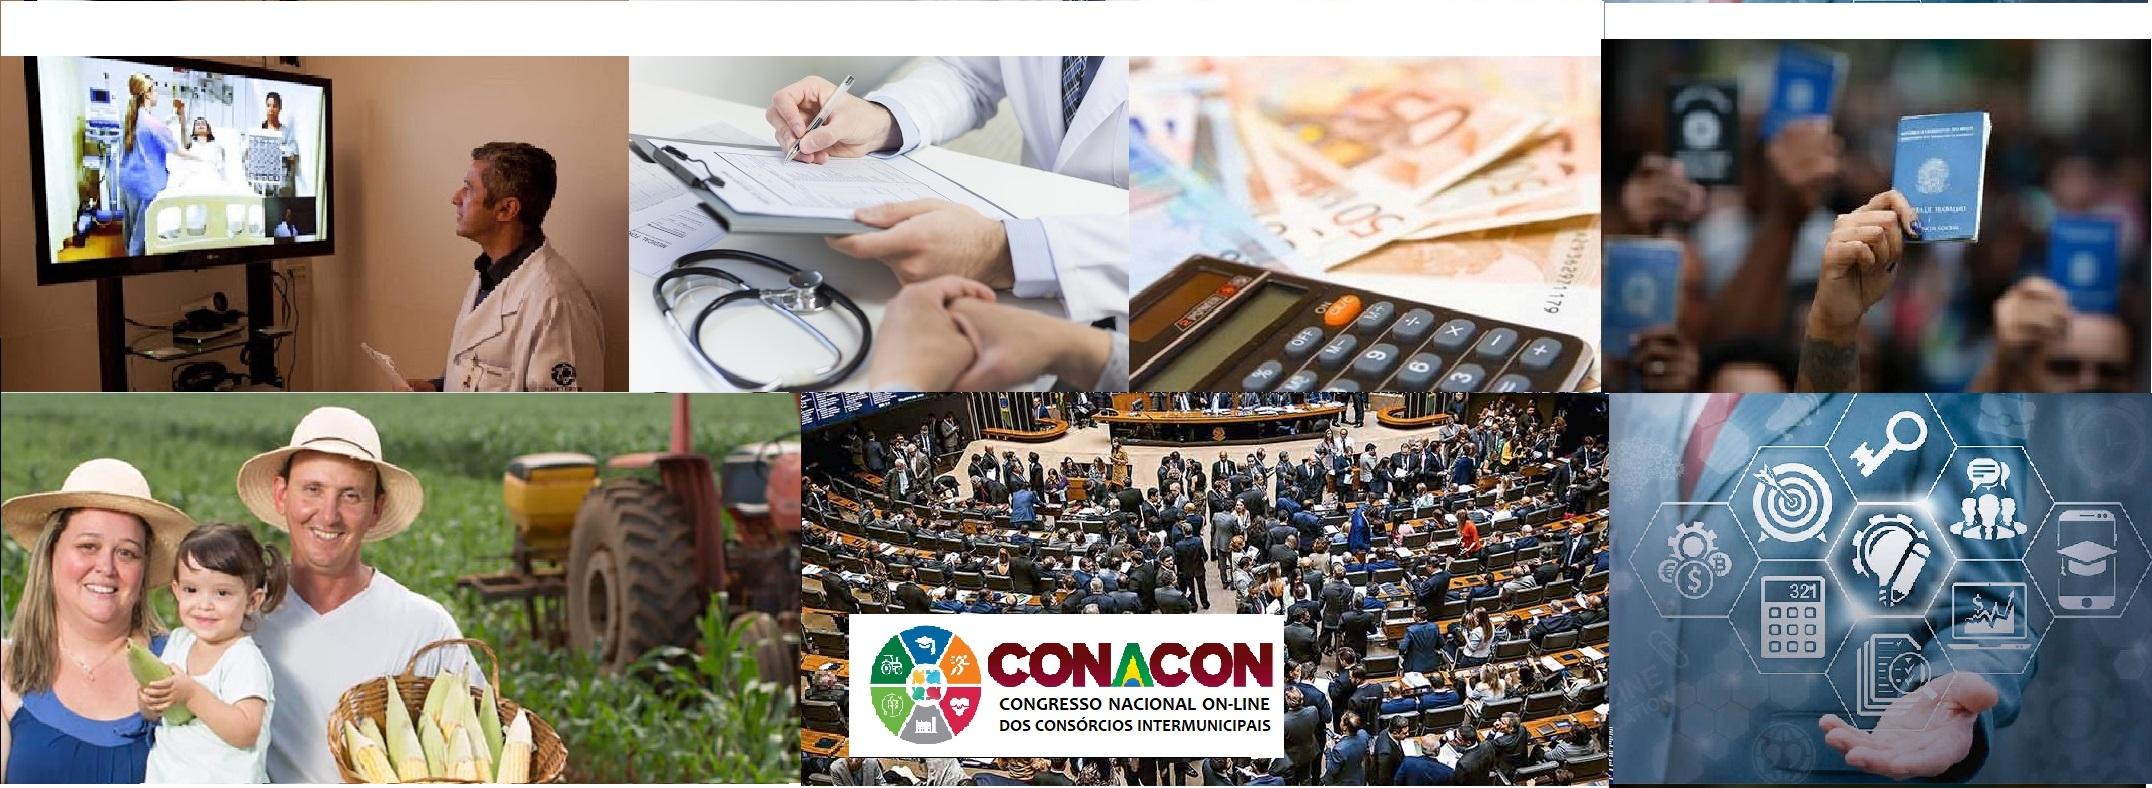 CONACON